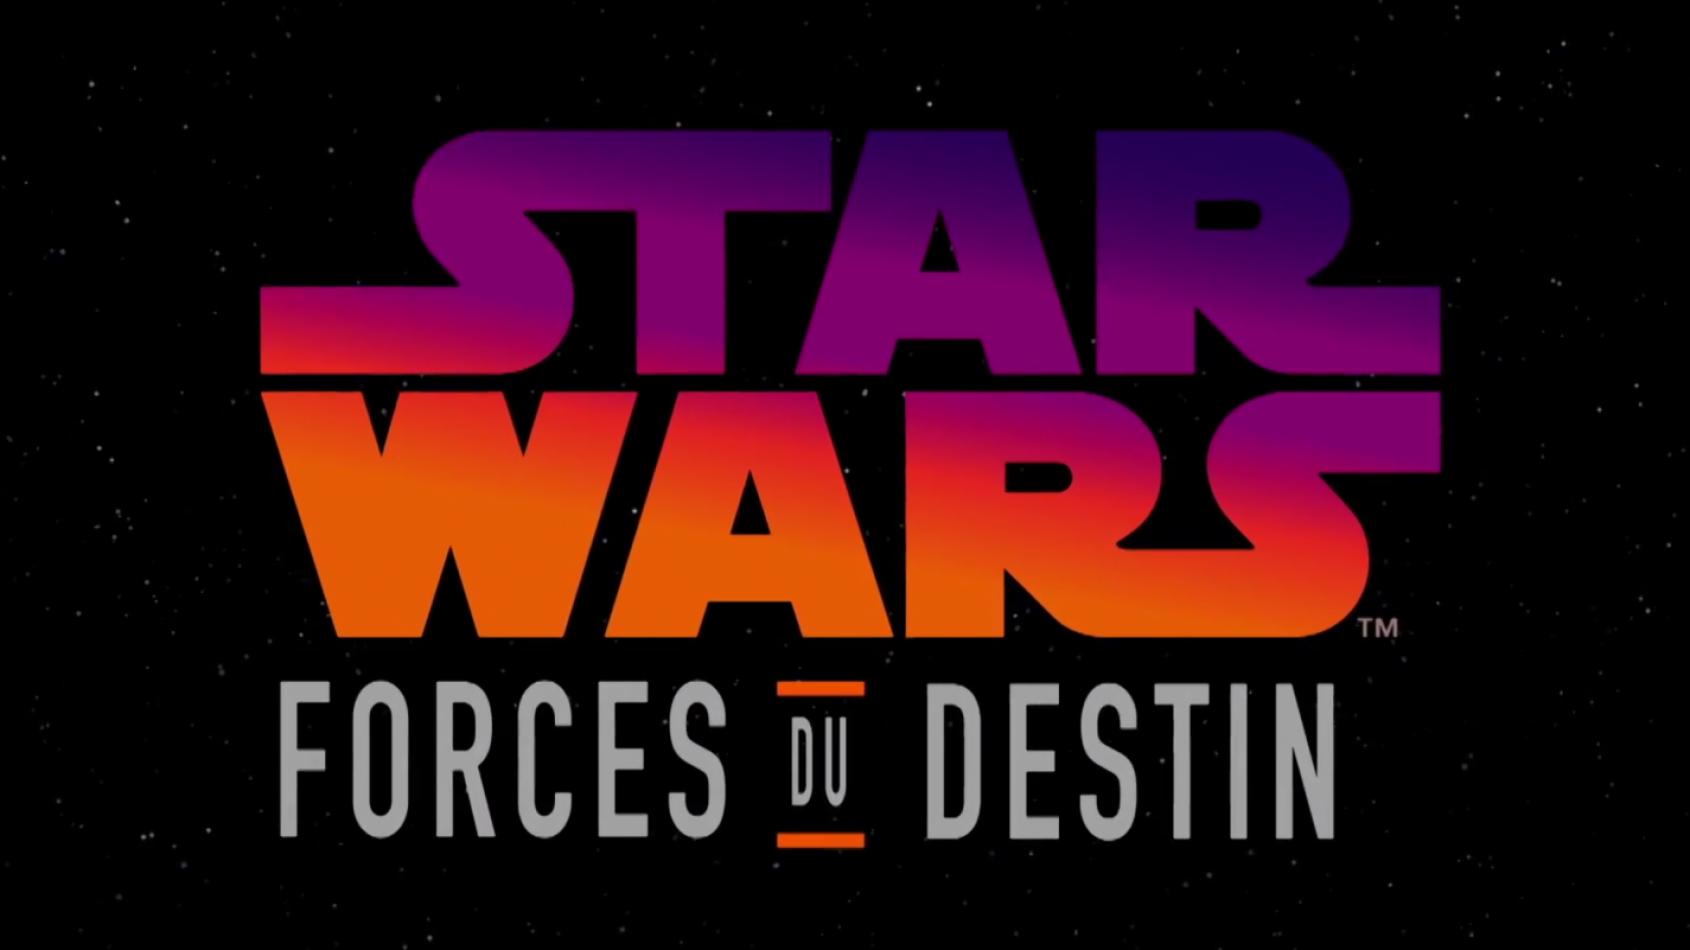 Le premier épisode de 'Forces du Destin' disponible en VF !